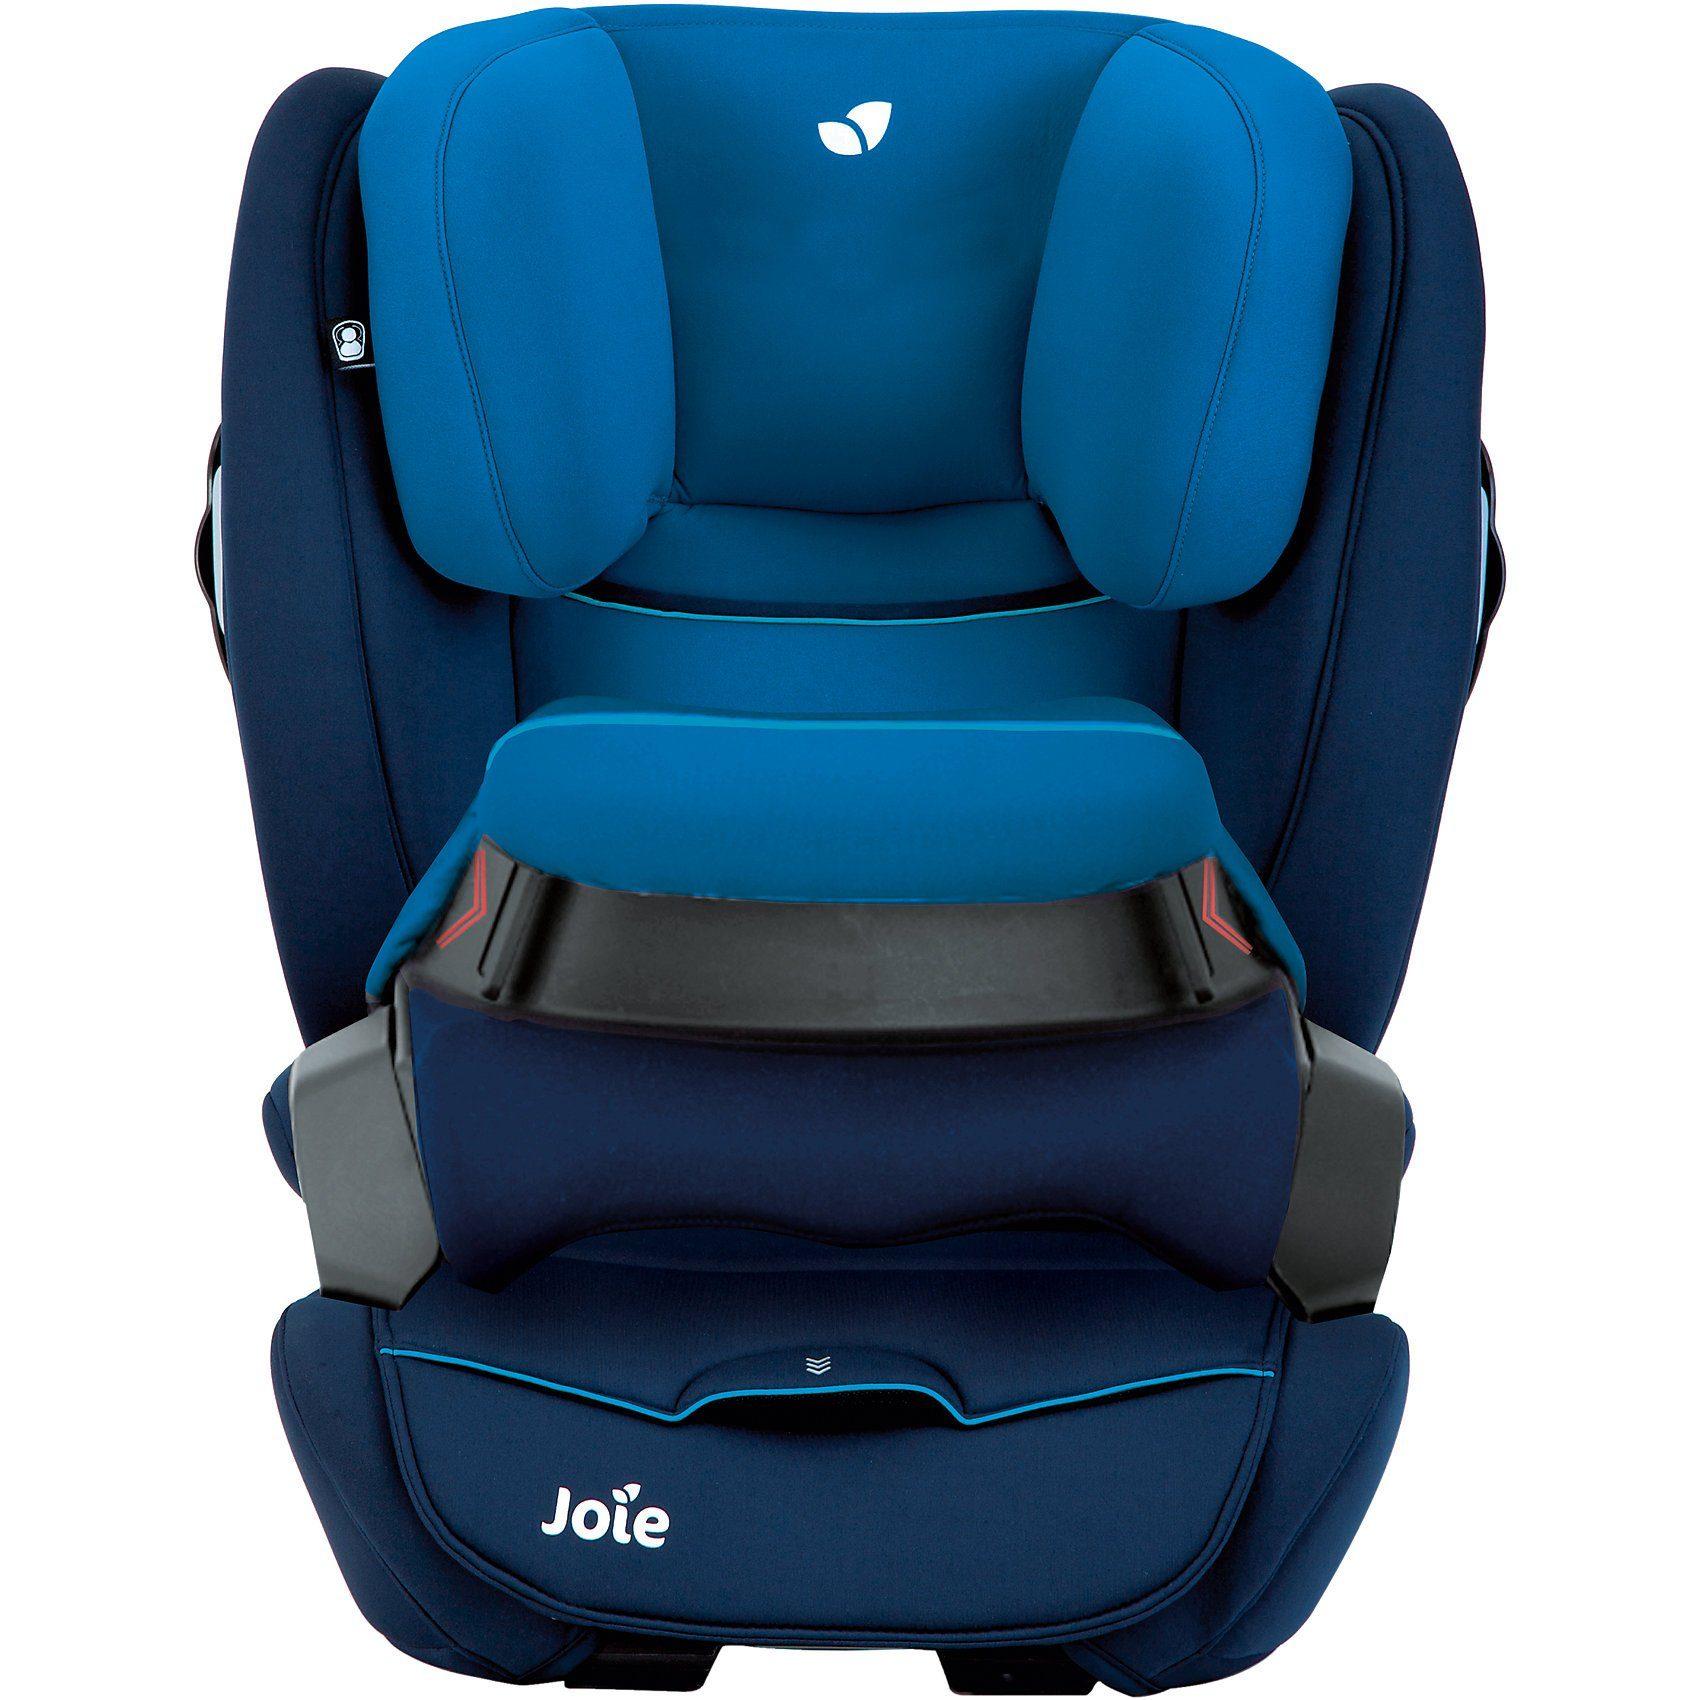 Joie Auto-Kindersitz Transcend, Caribbean